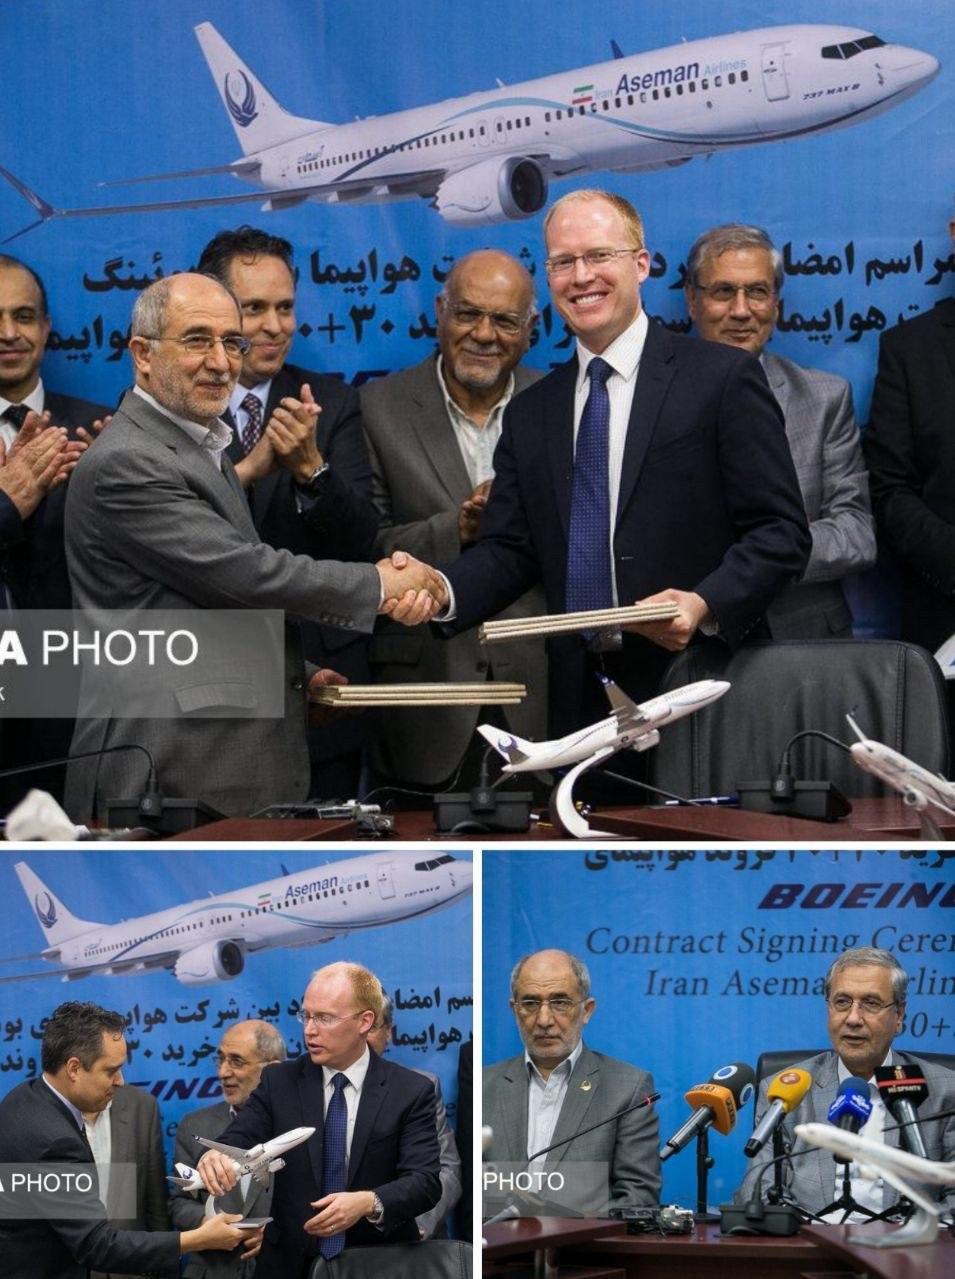 قرارداد خرید ۳۰ بوئینگ هواپیمایی آسمان امضا شد